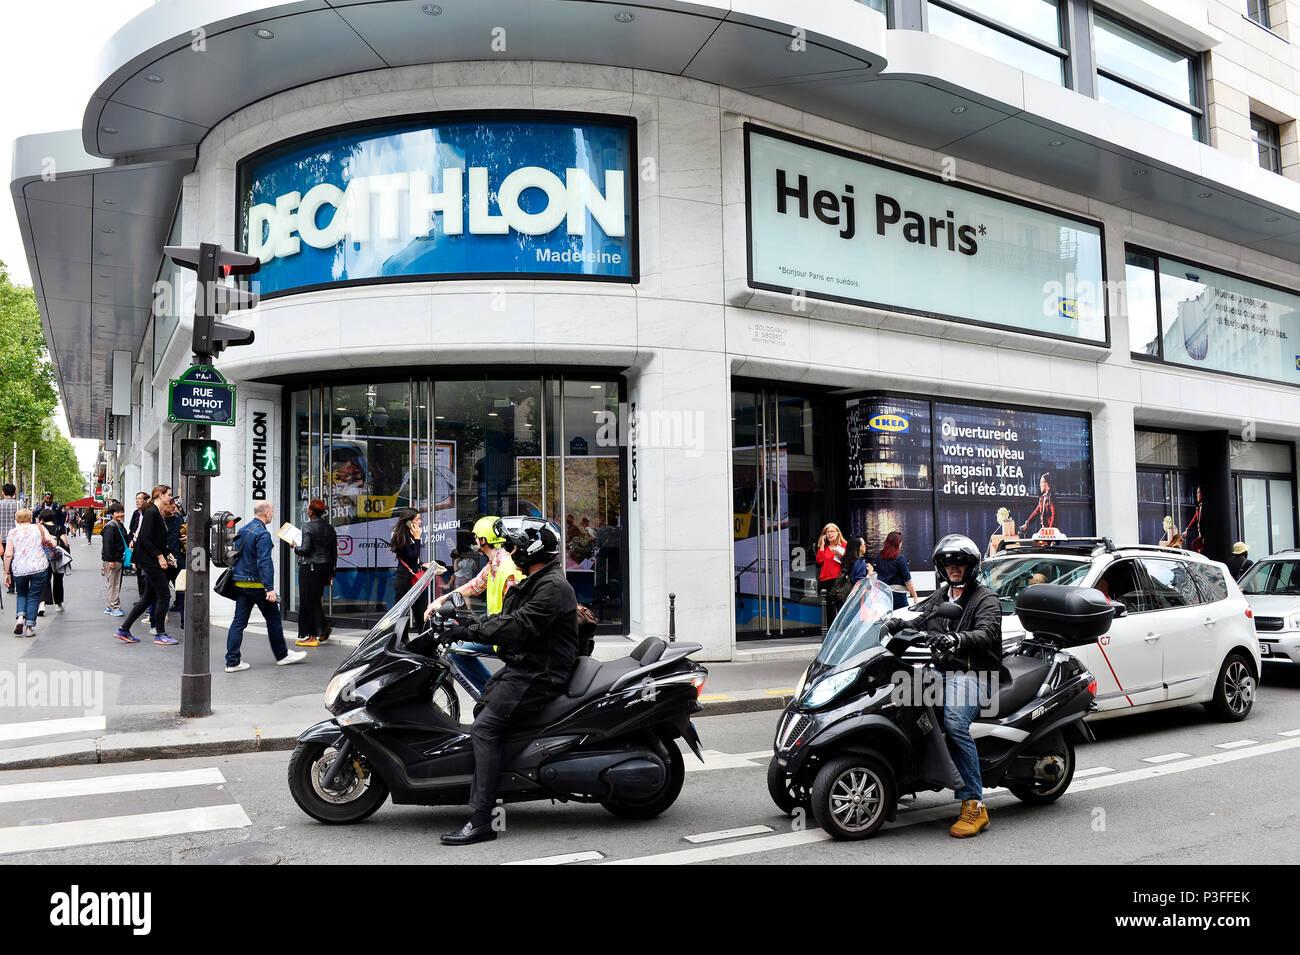 Department Store Paris Stock Photos & Department Store Paris Stock ...